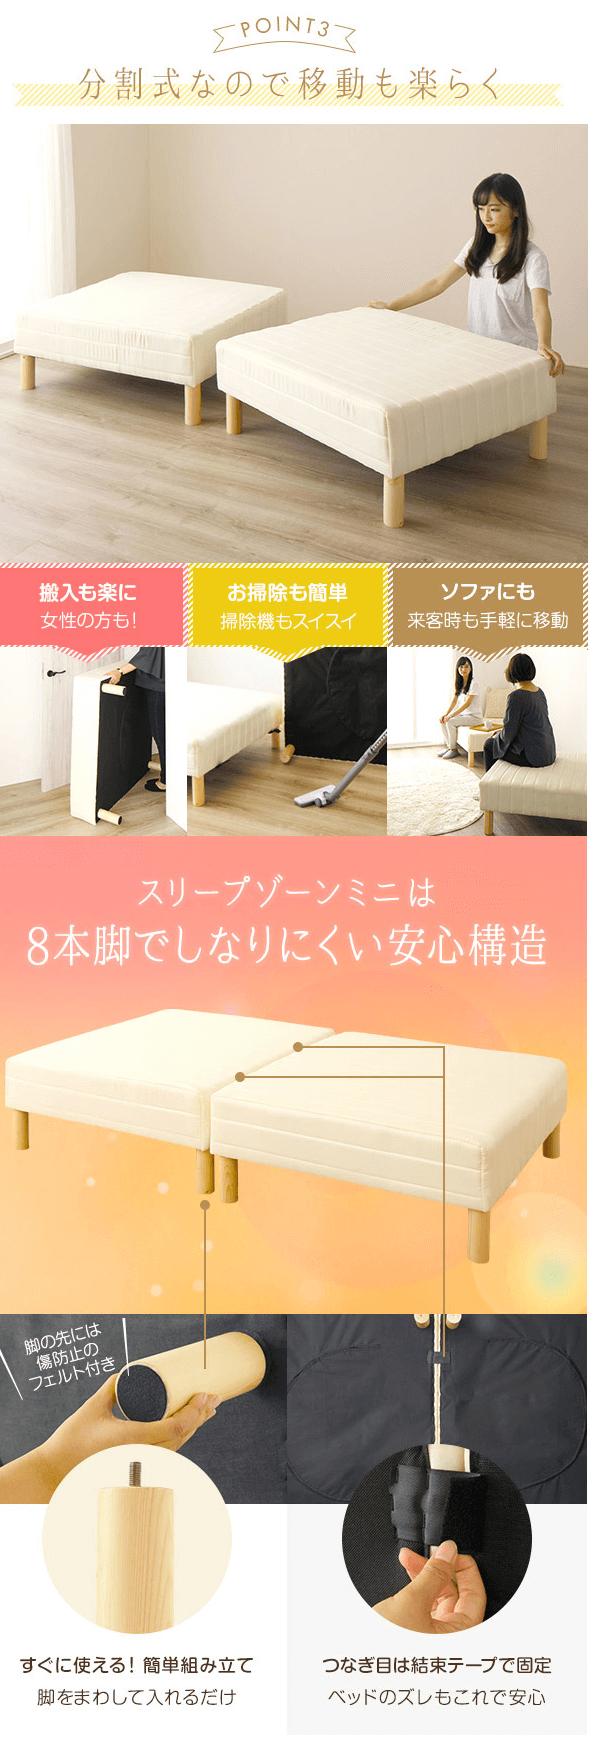 女性の一人暮らしのベッドスリープゾーン分割式の説明